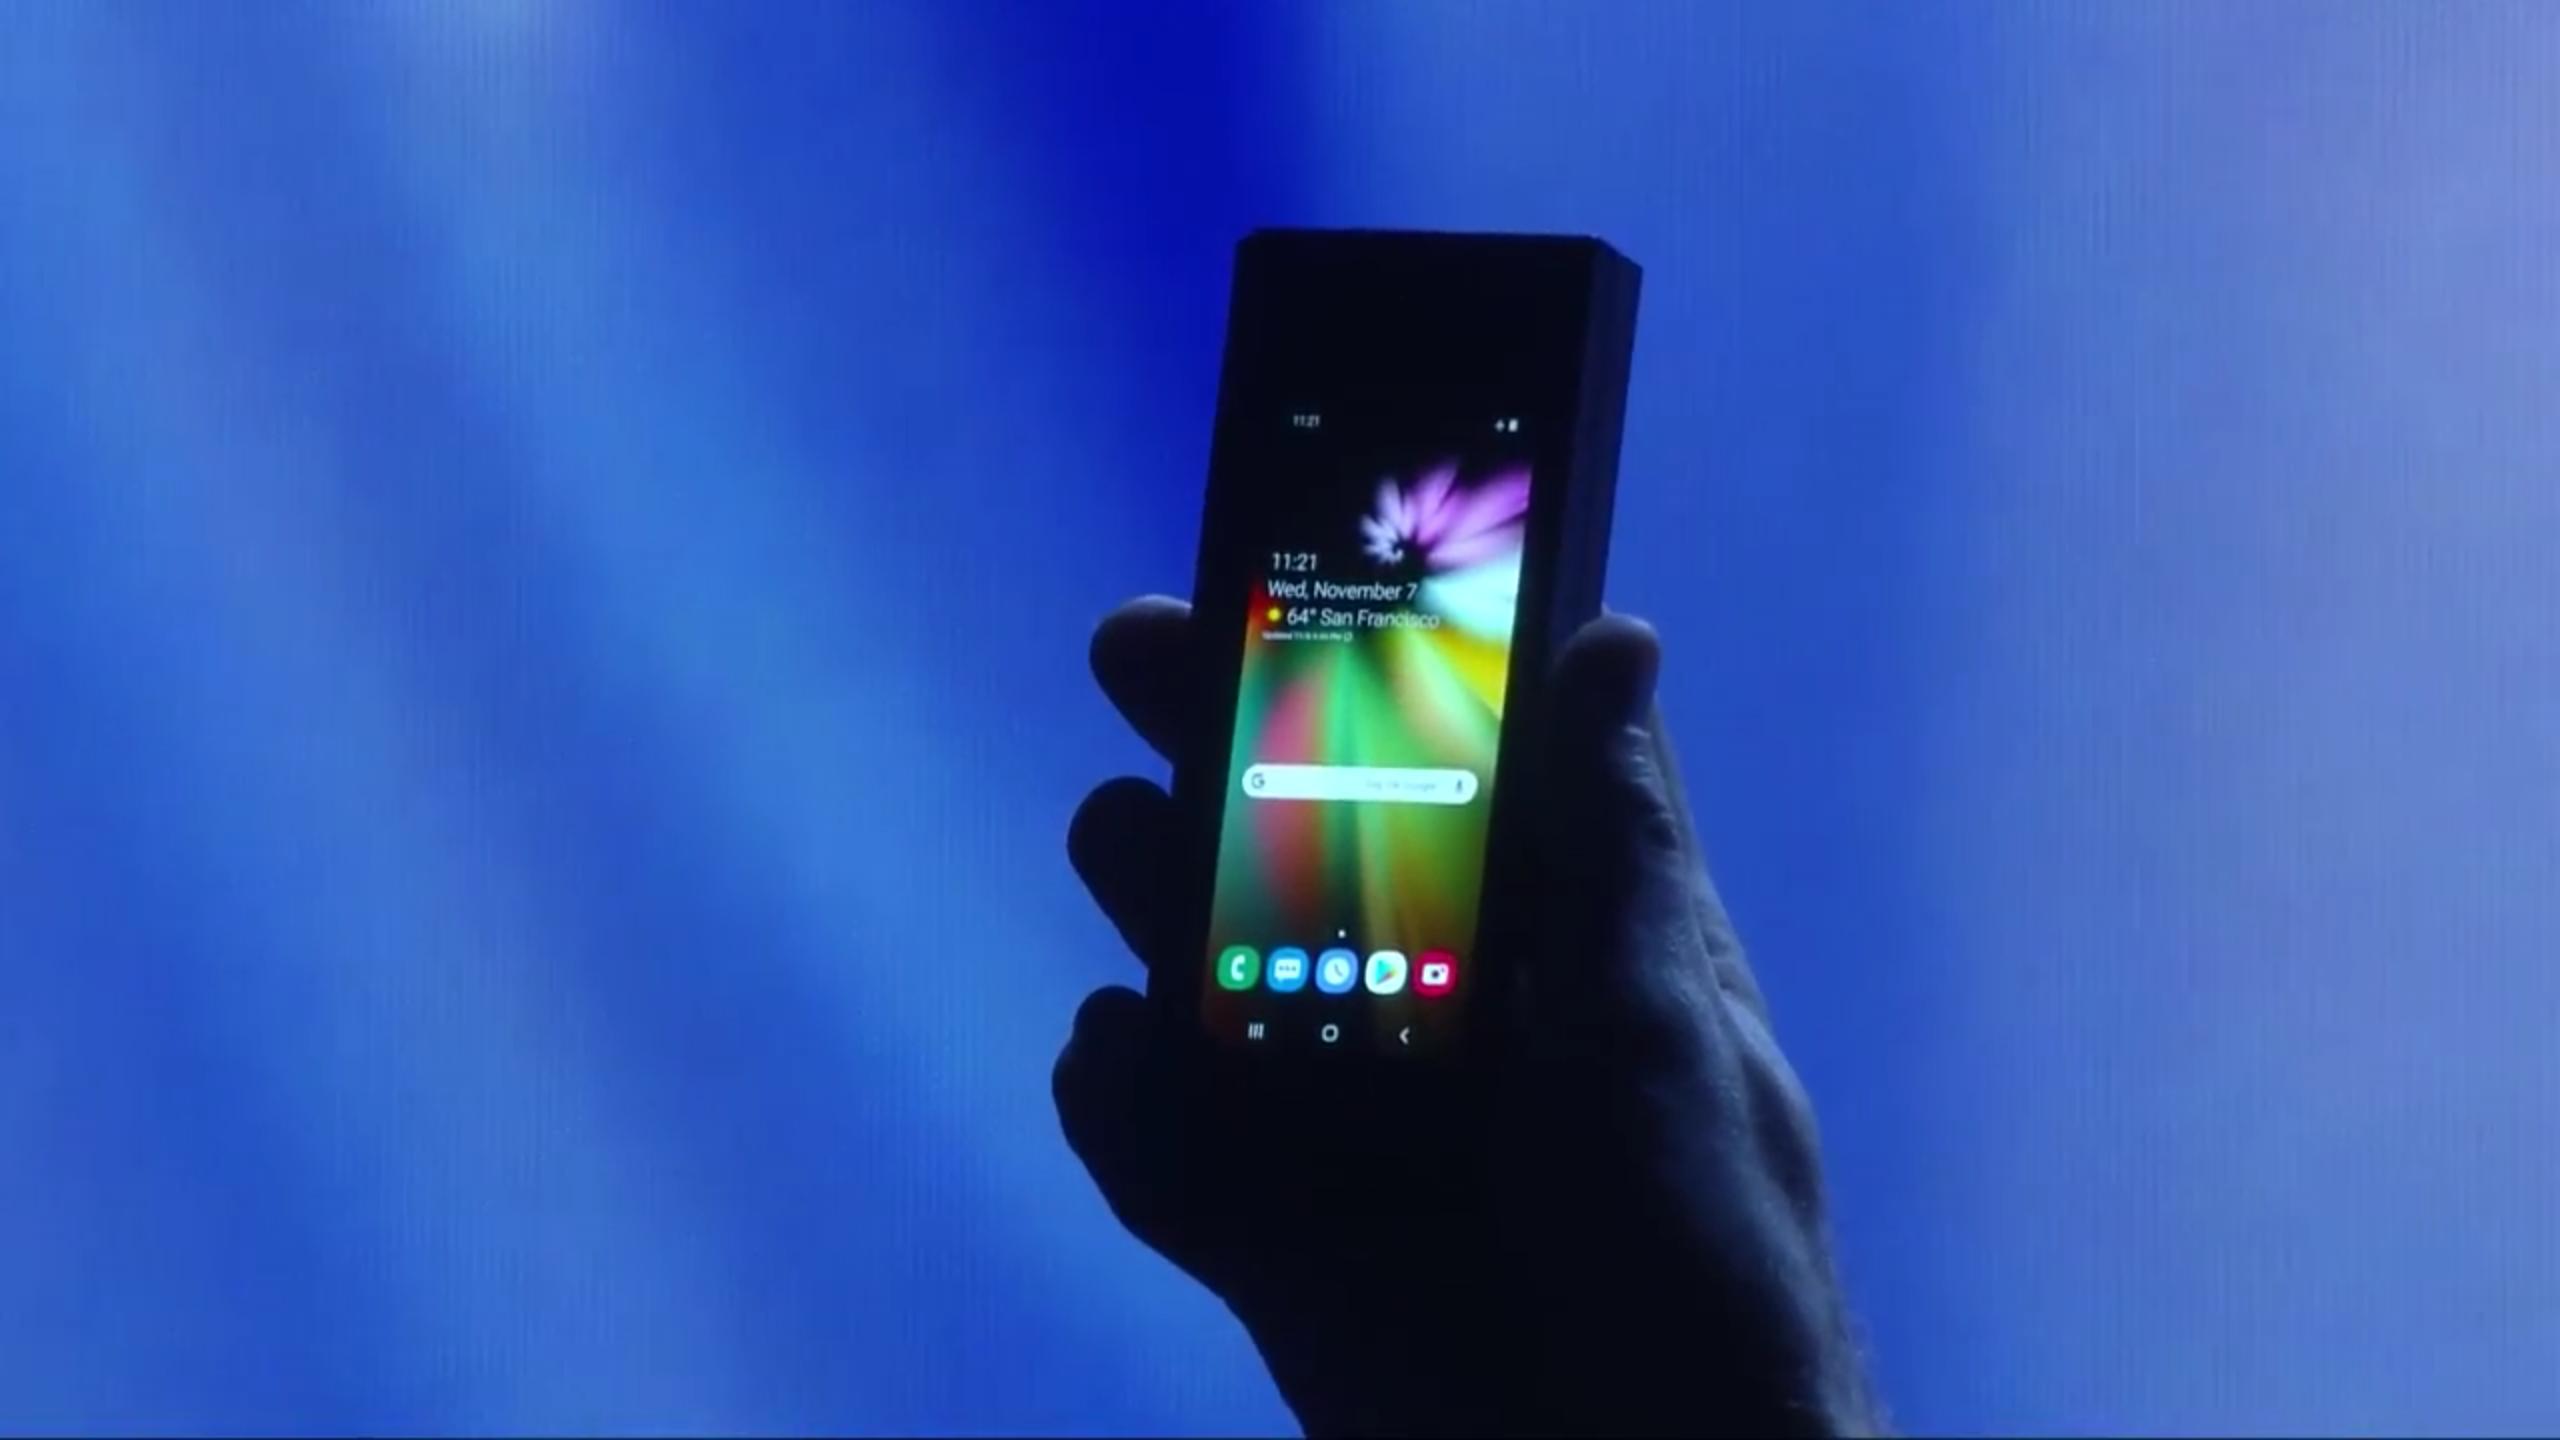 Slik ser frontskjermen på en brettbar telefon ut...